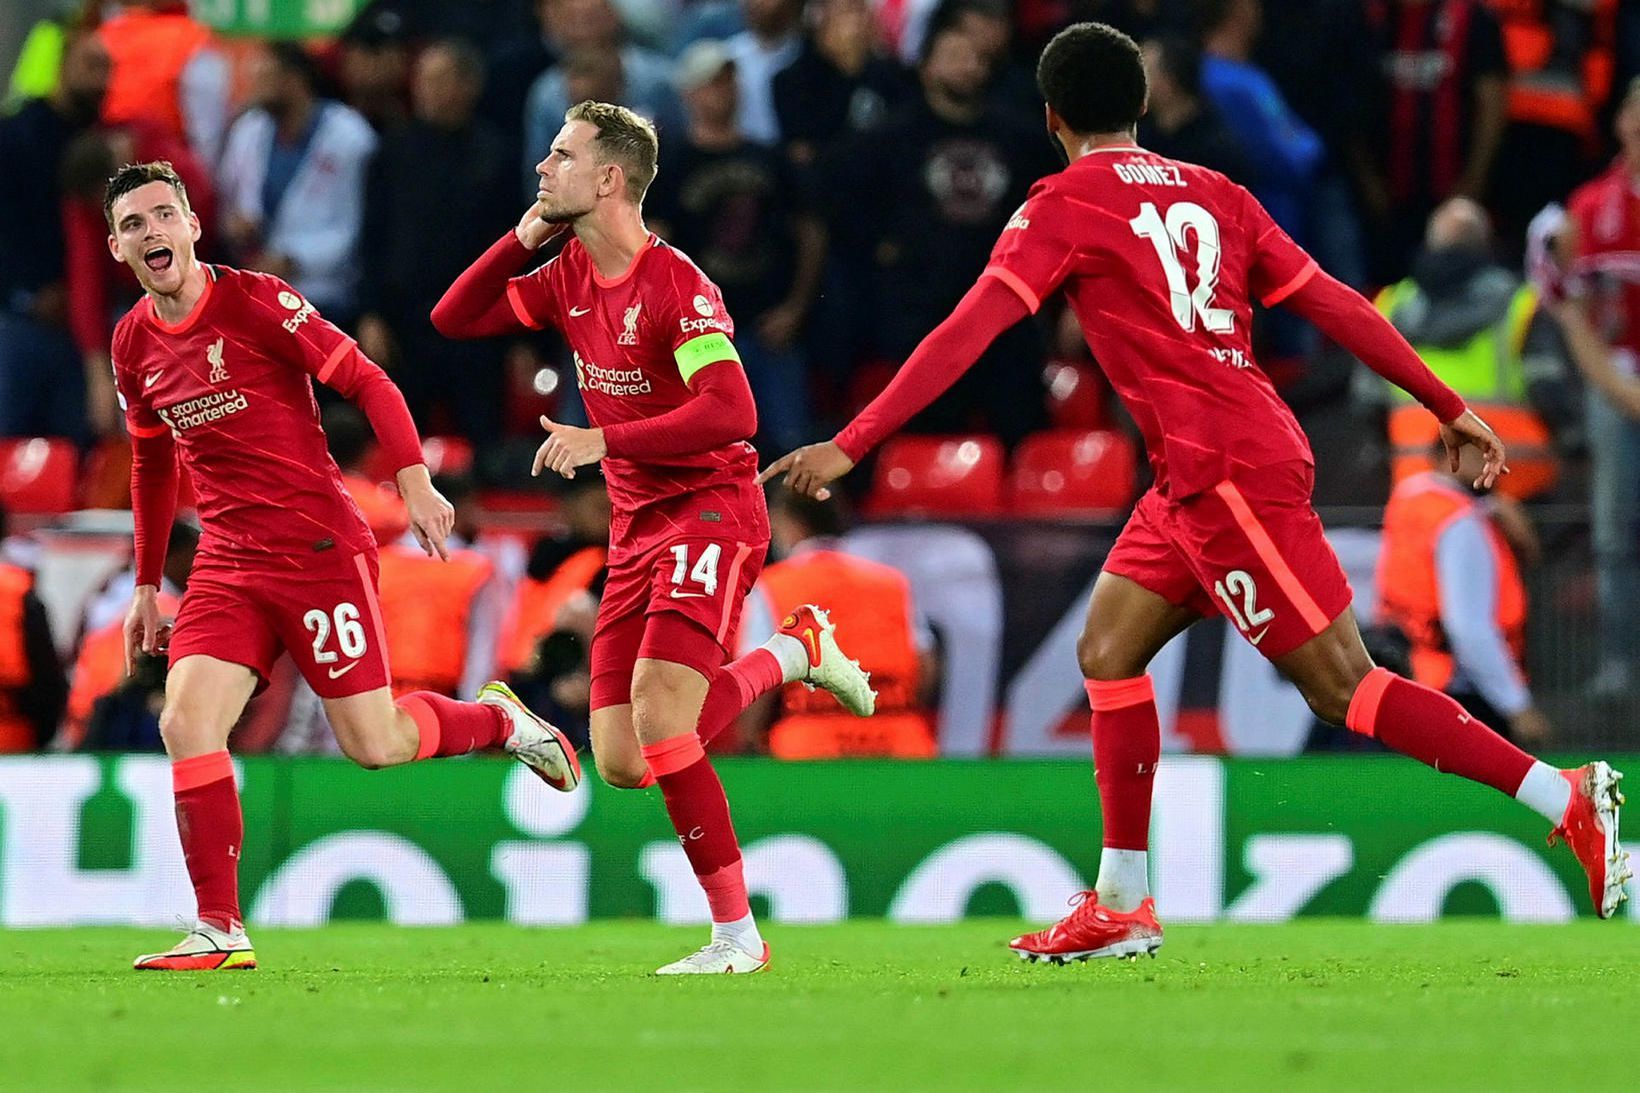 Liverpool hefur skorað níu mörk gegn einu í fyrstu fjórum …